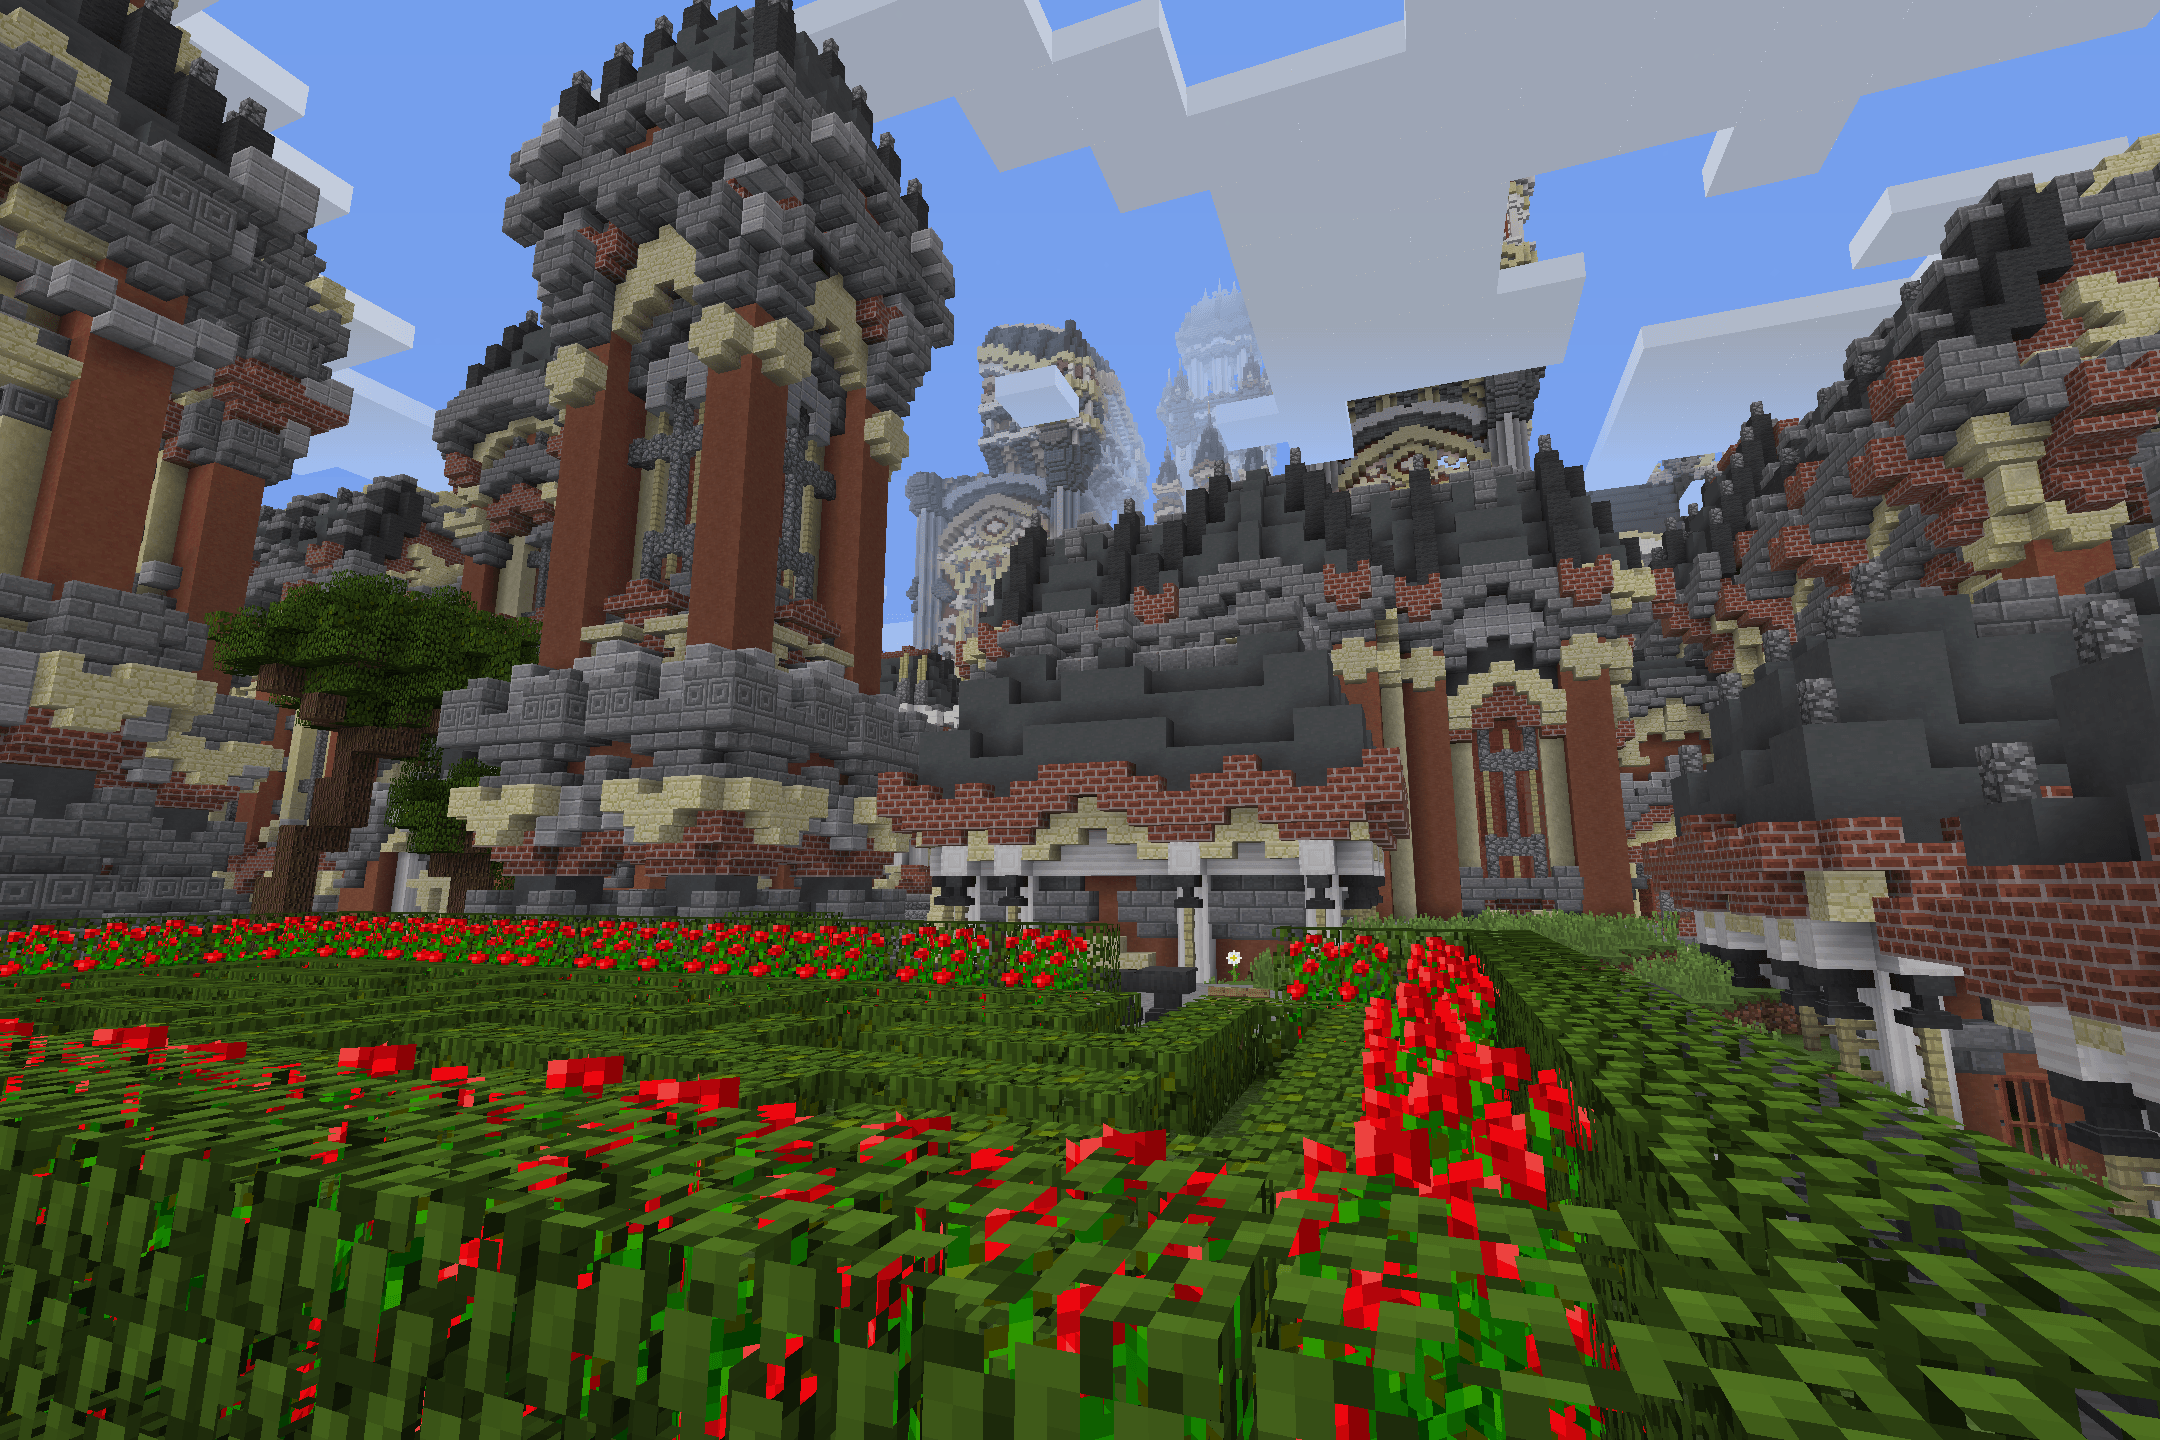 jardins de Remestrôs